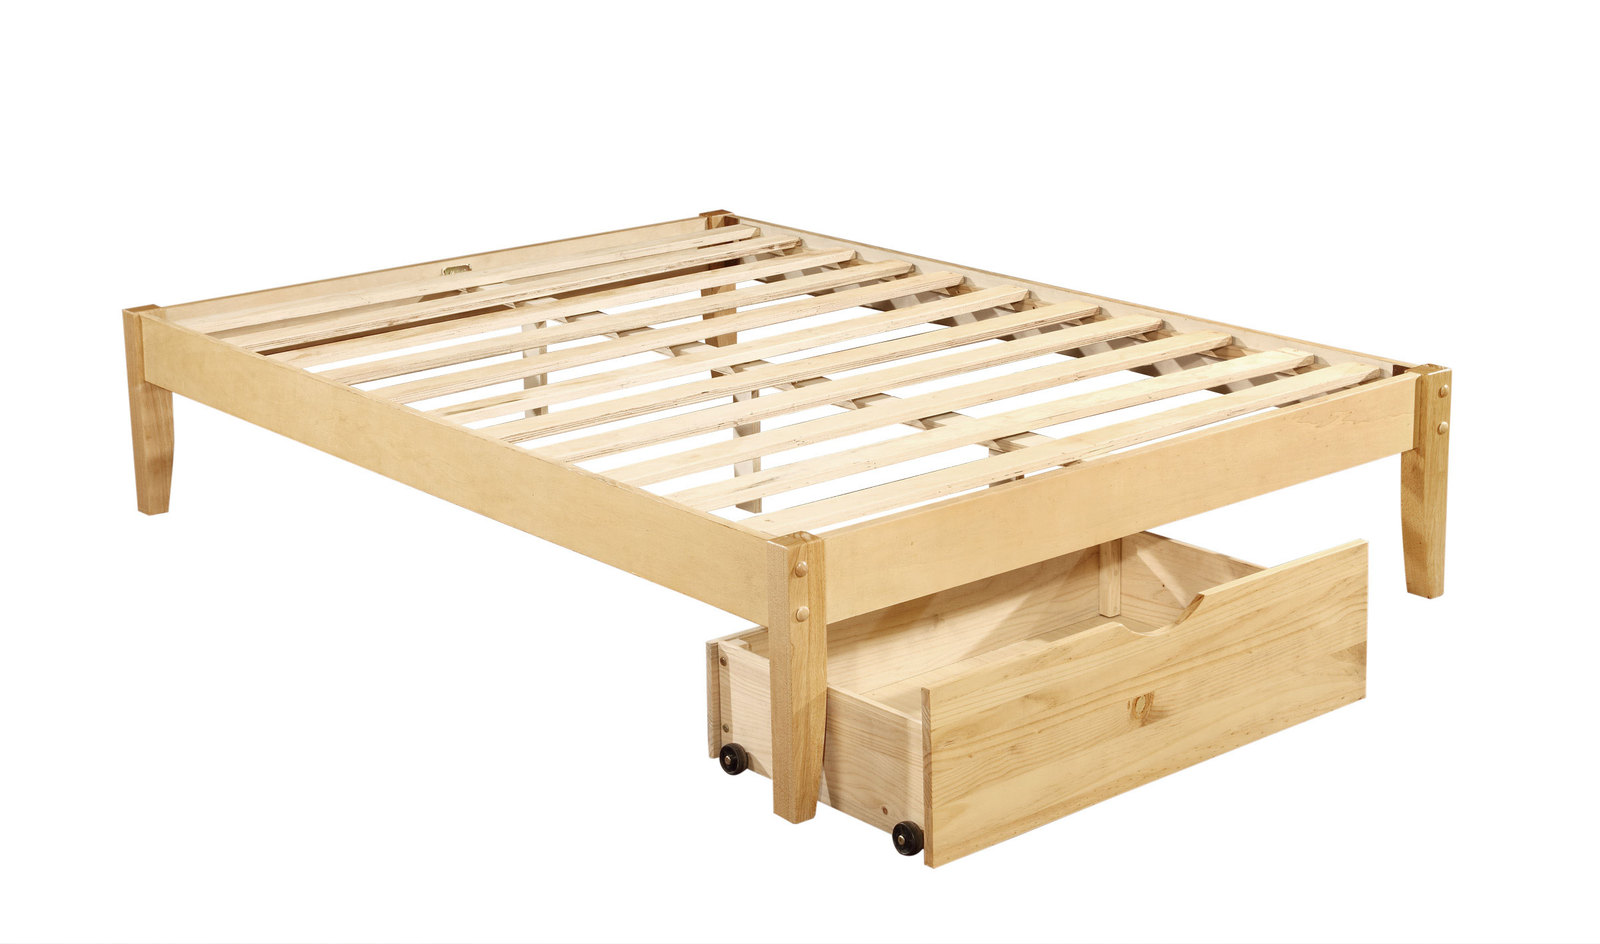 solid wood platform bed frame